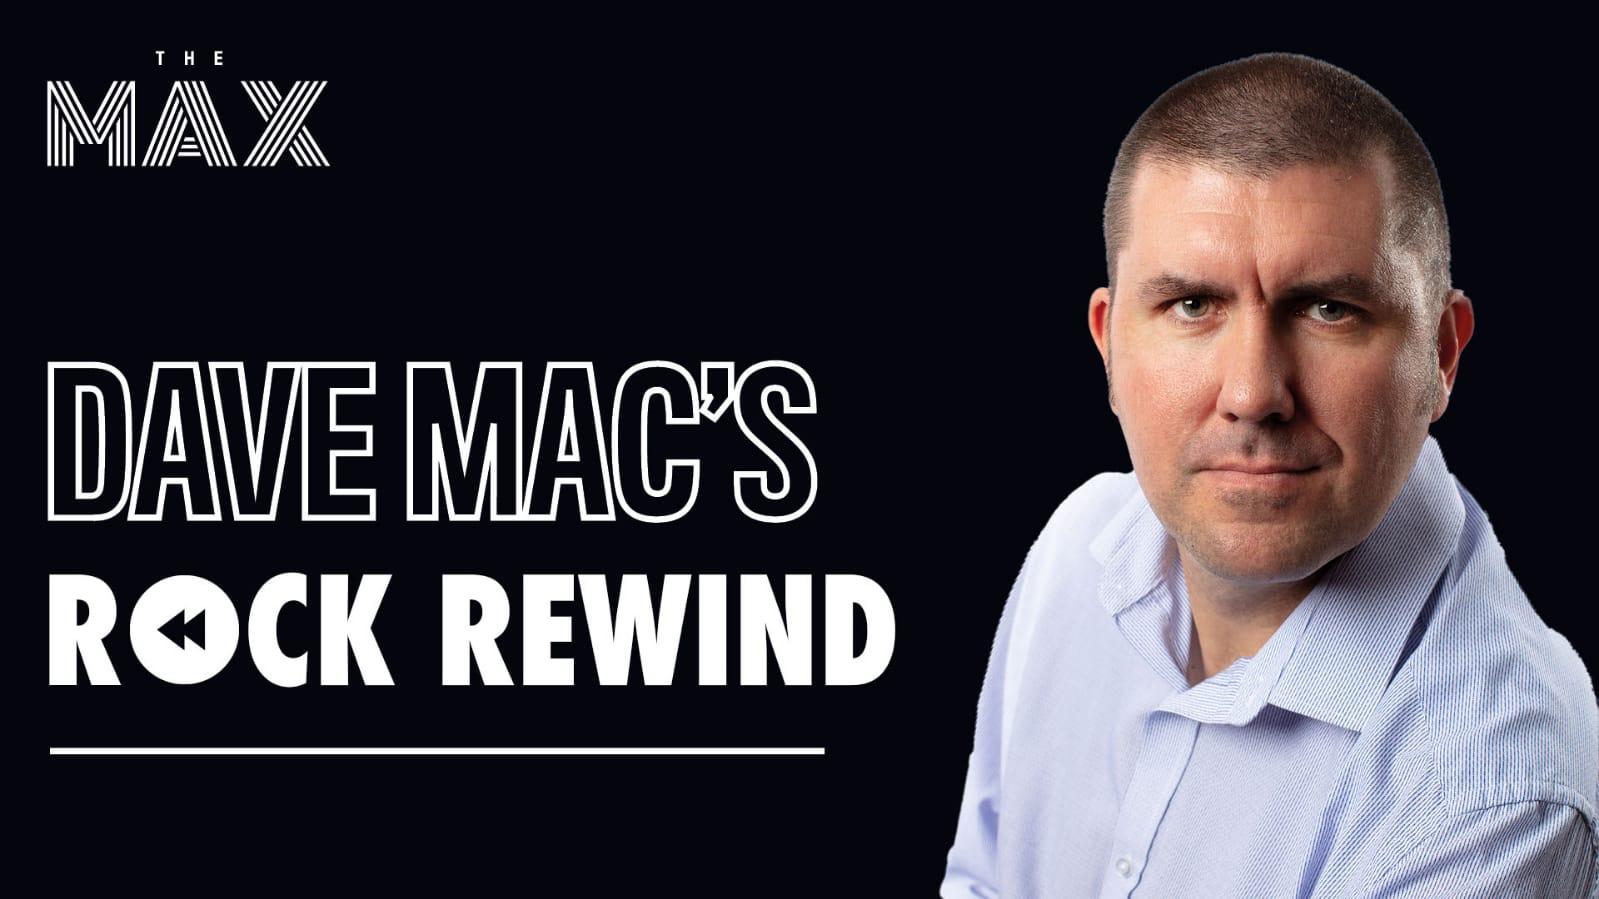 Dave Mac's Rock Rewind 26/10/2020